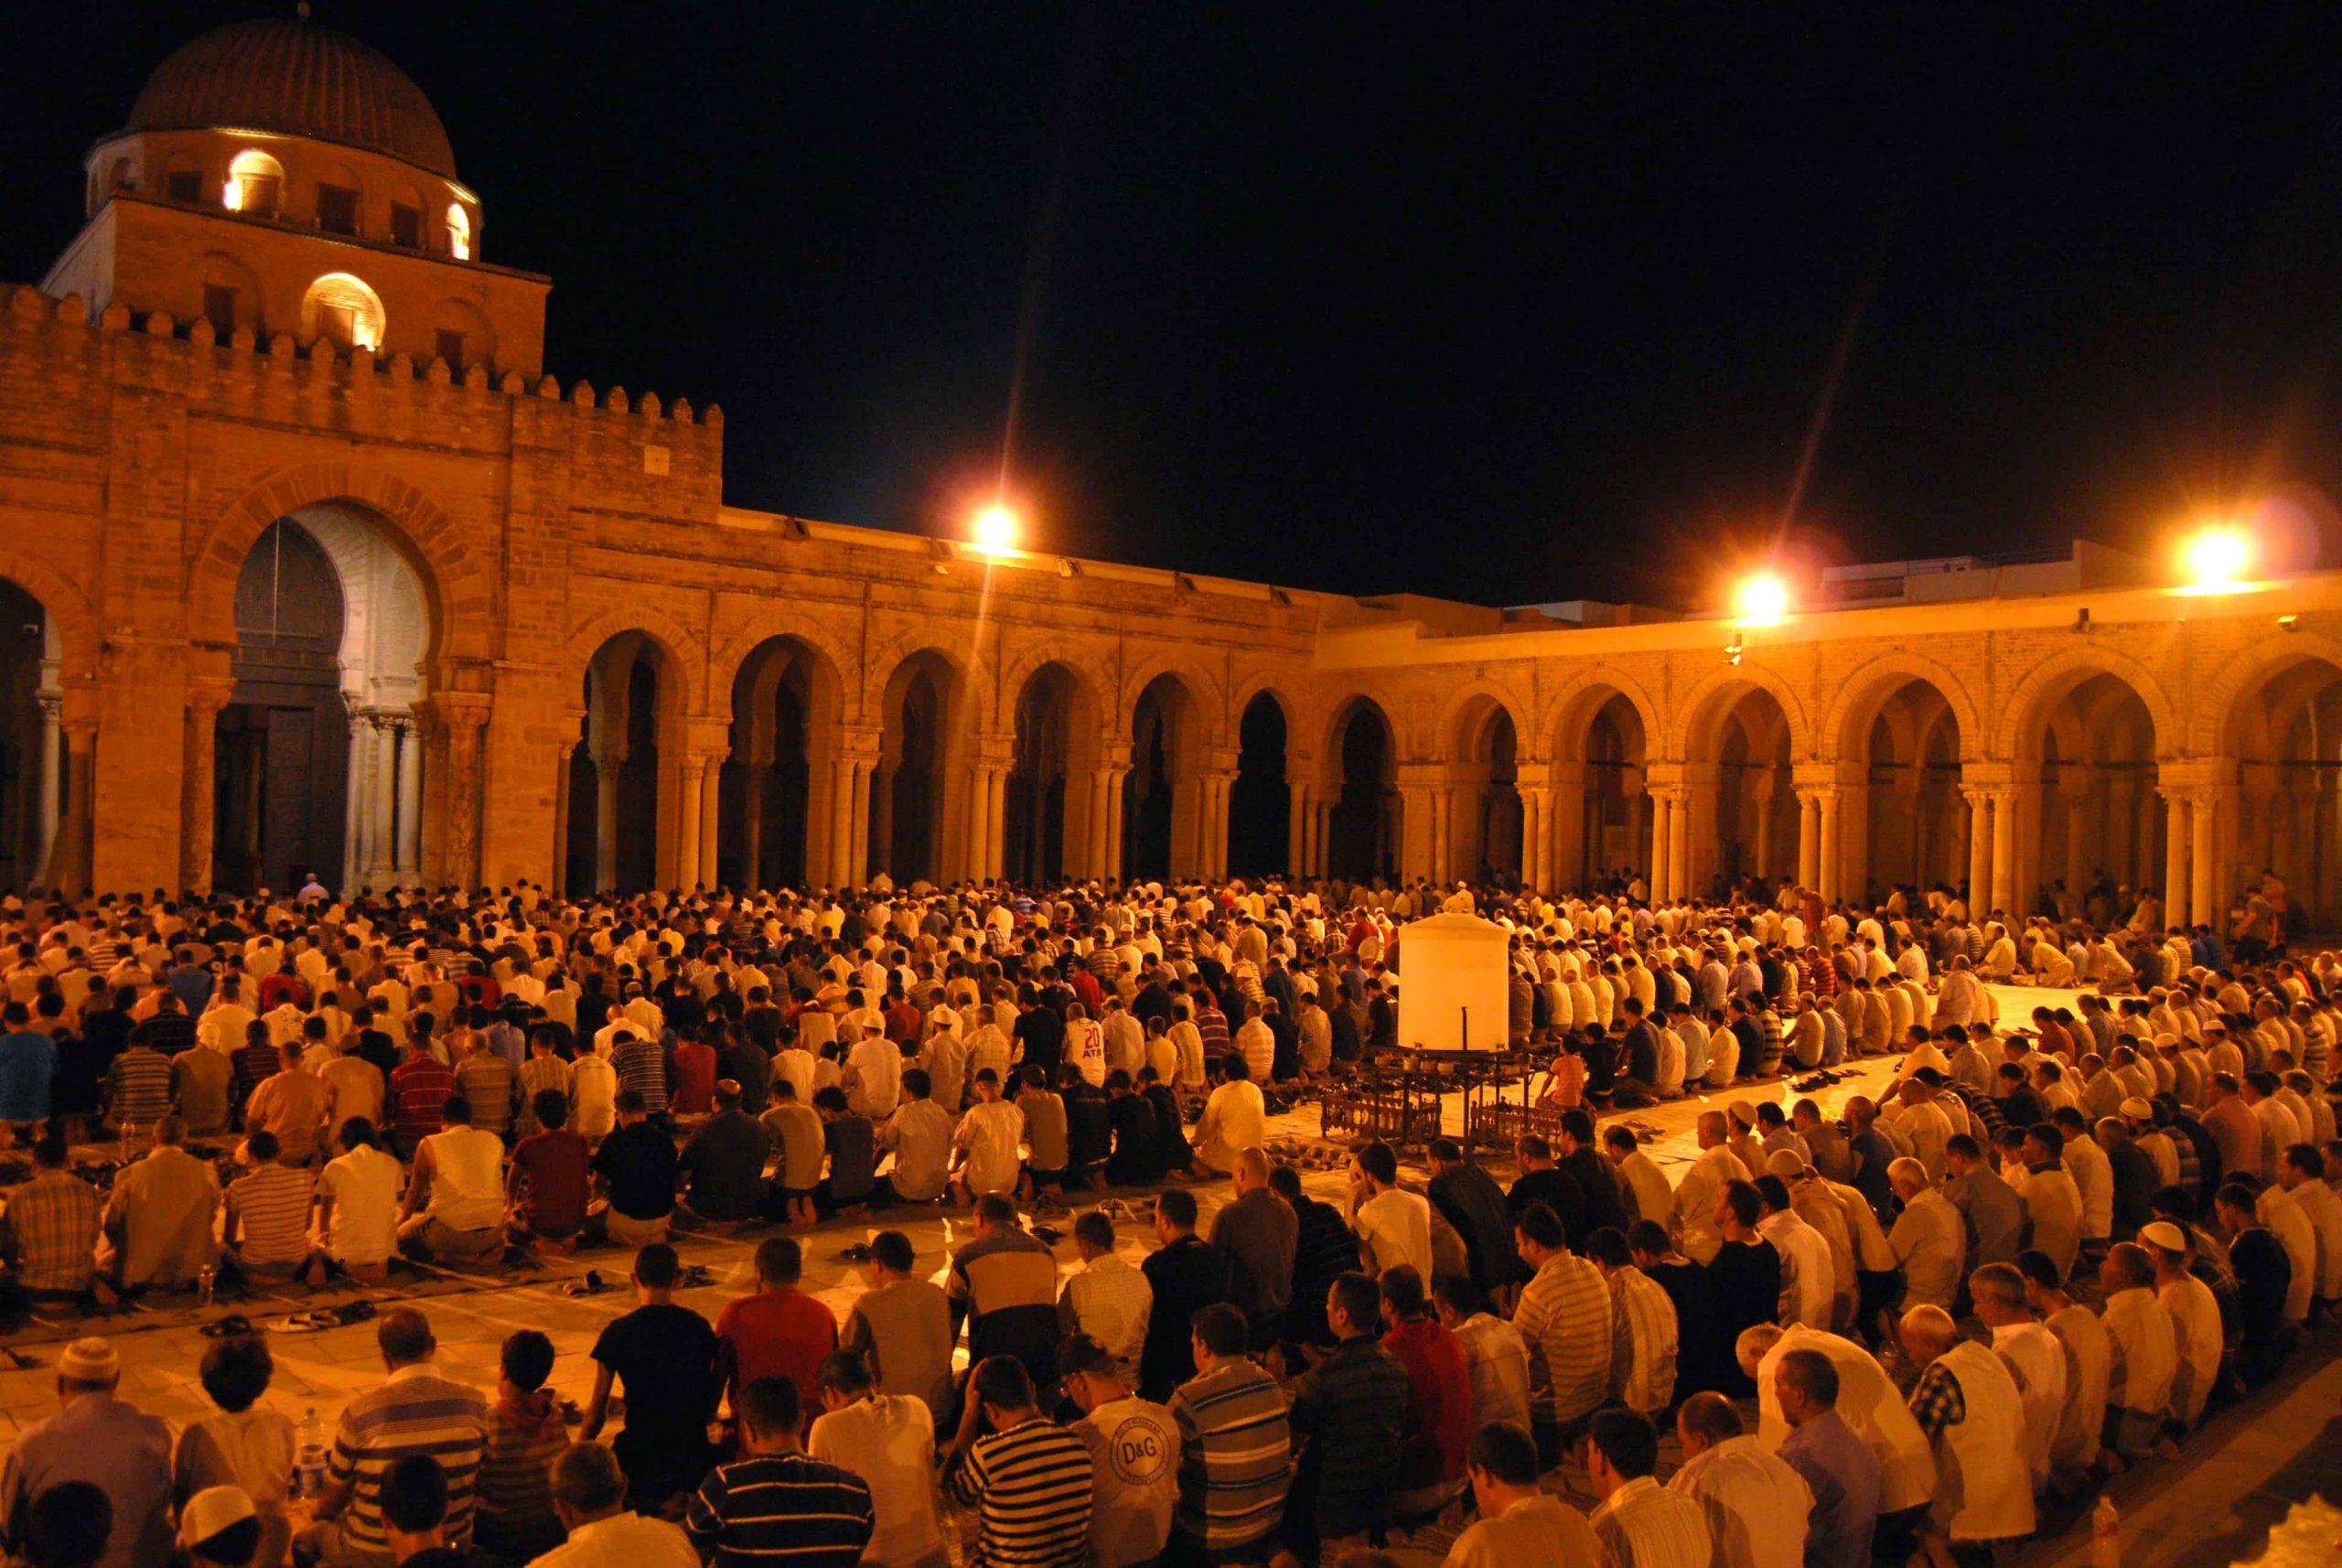 Hadits-Hadits Tentang Sholat Lima Waktu Sholat, Puasa, Zakat, Bagian Islam Terpenting Setelah Sholat bimbingan islam